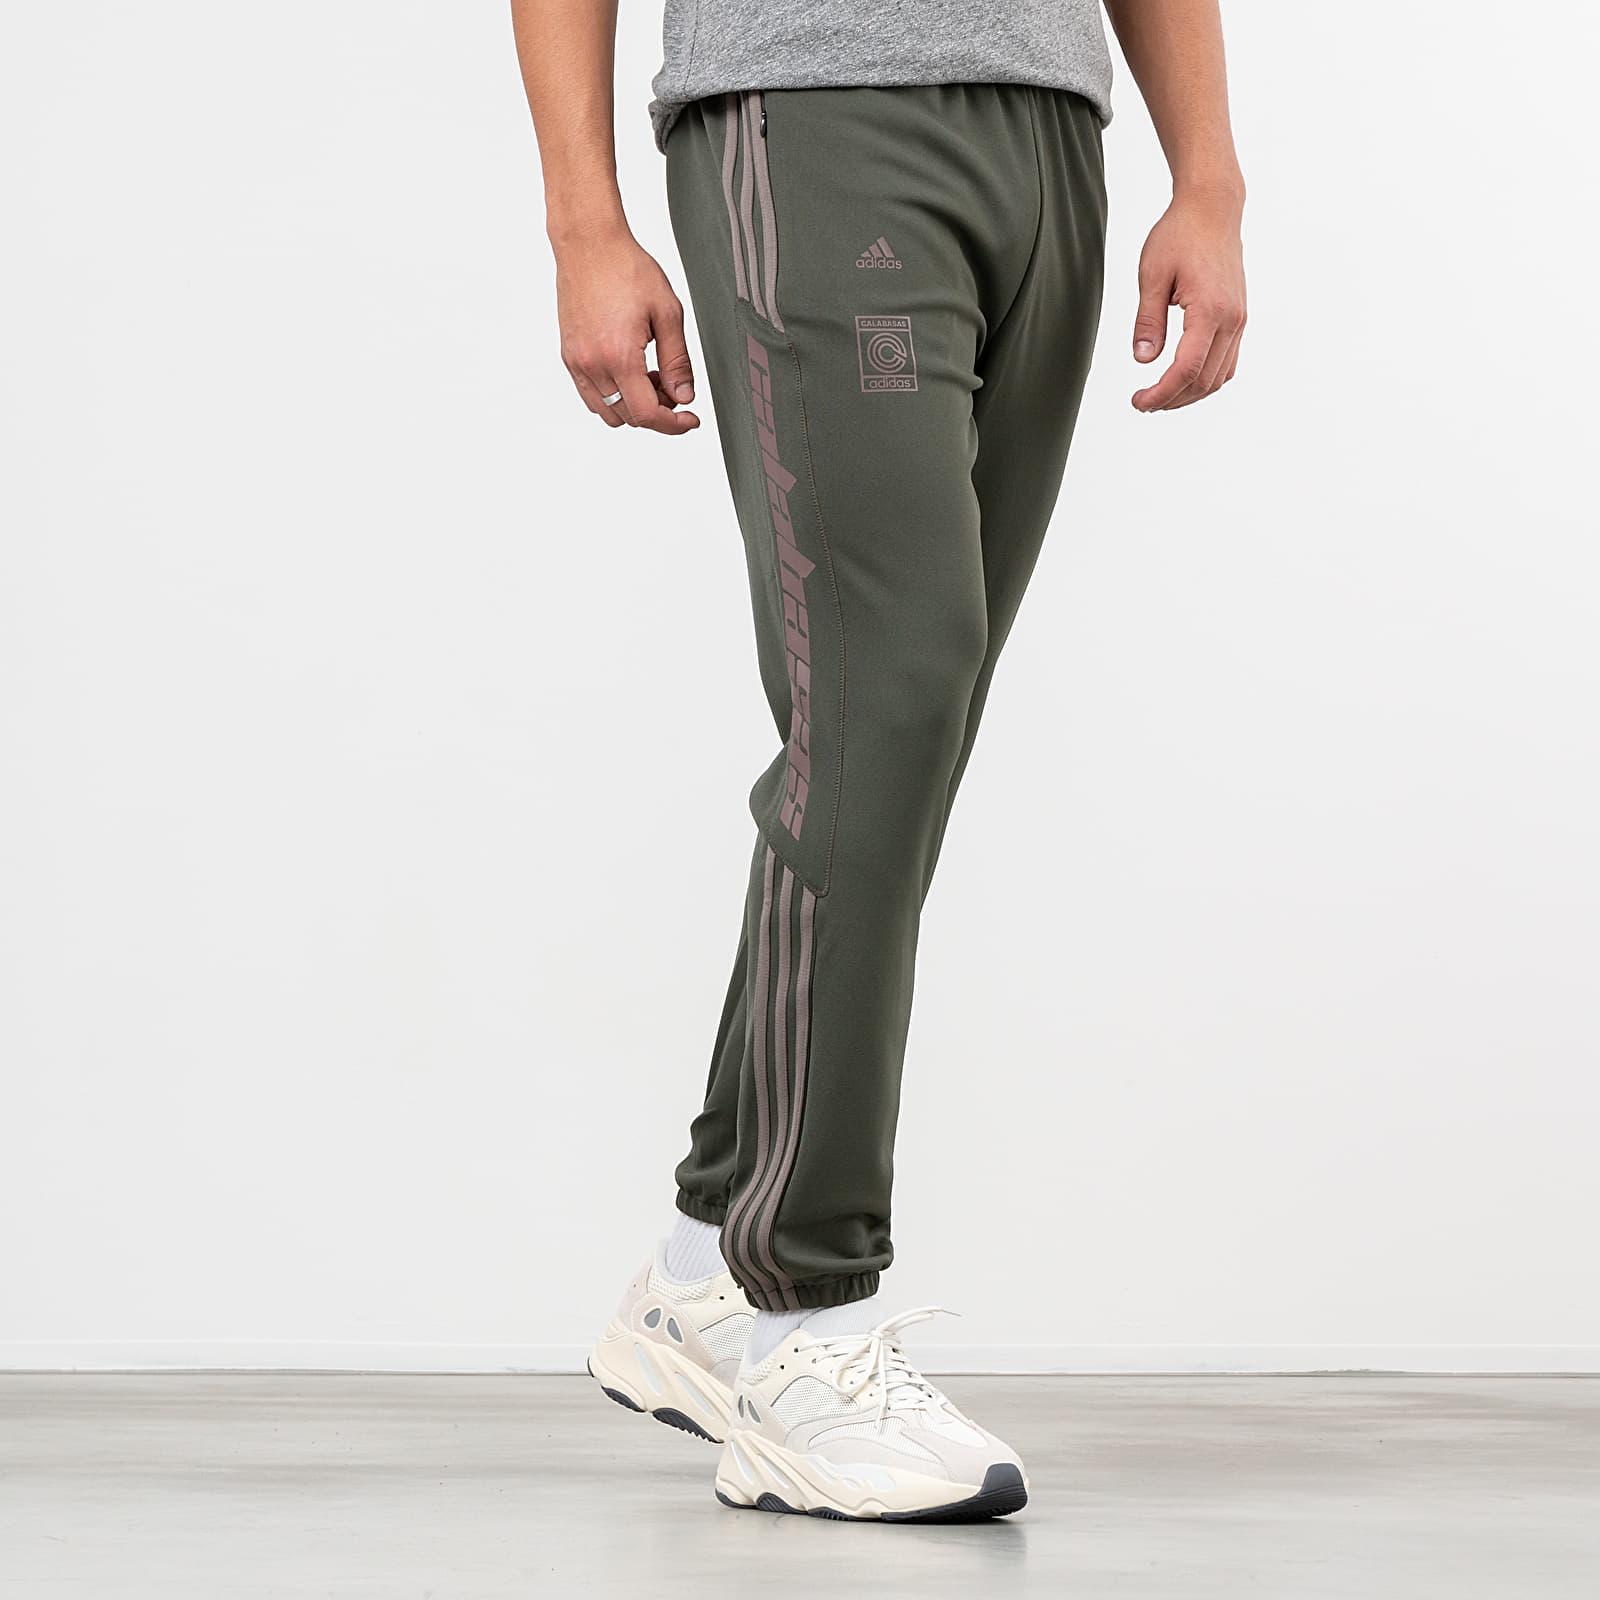 pantalon yeezy calabasas